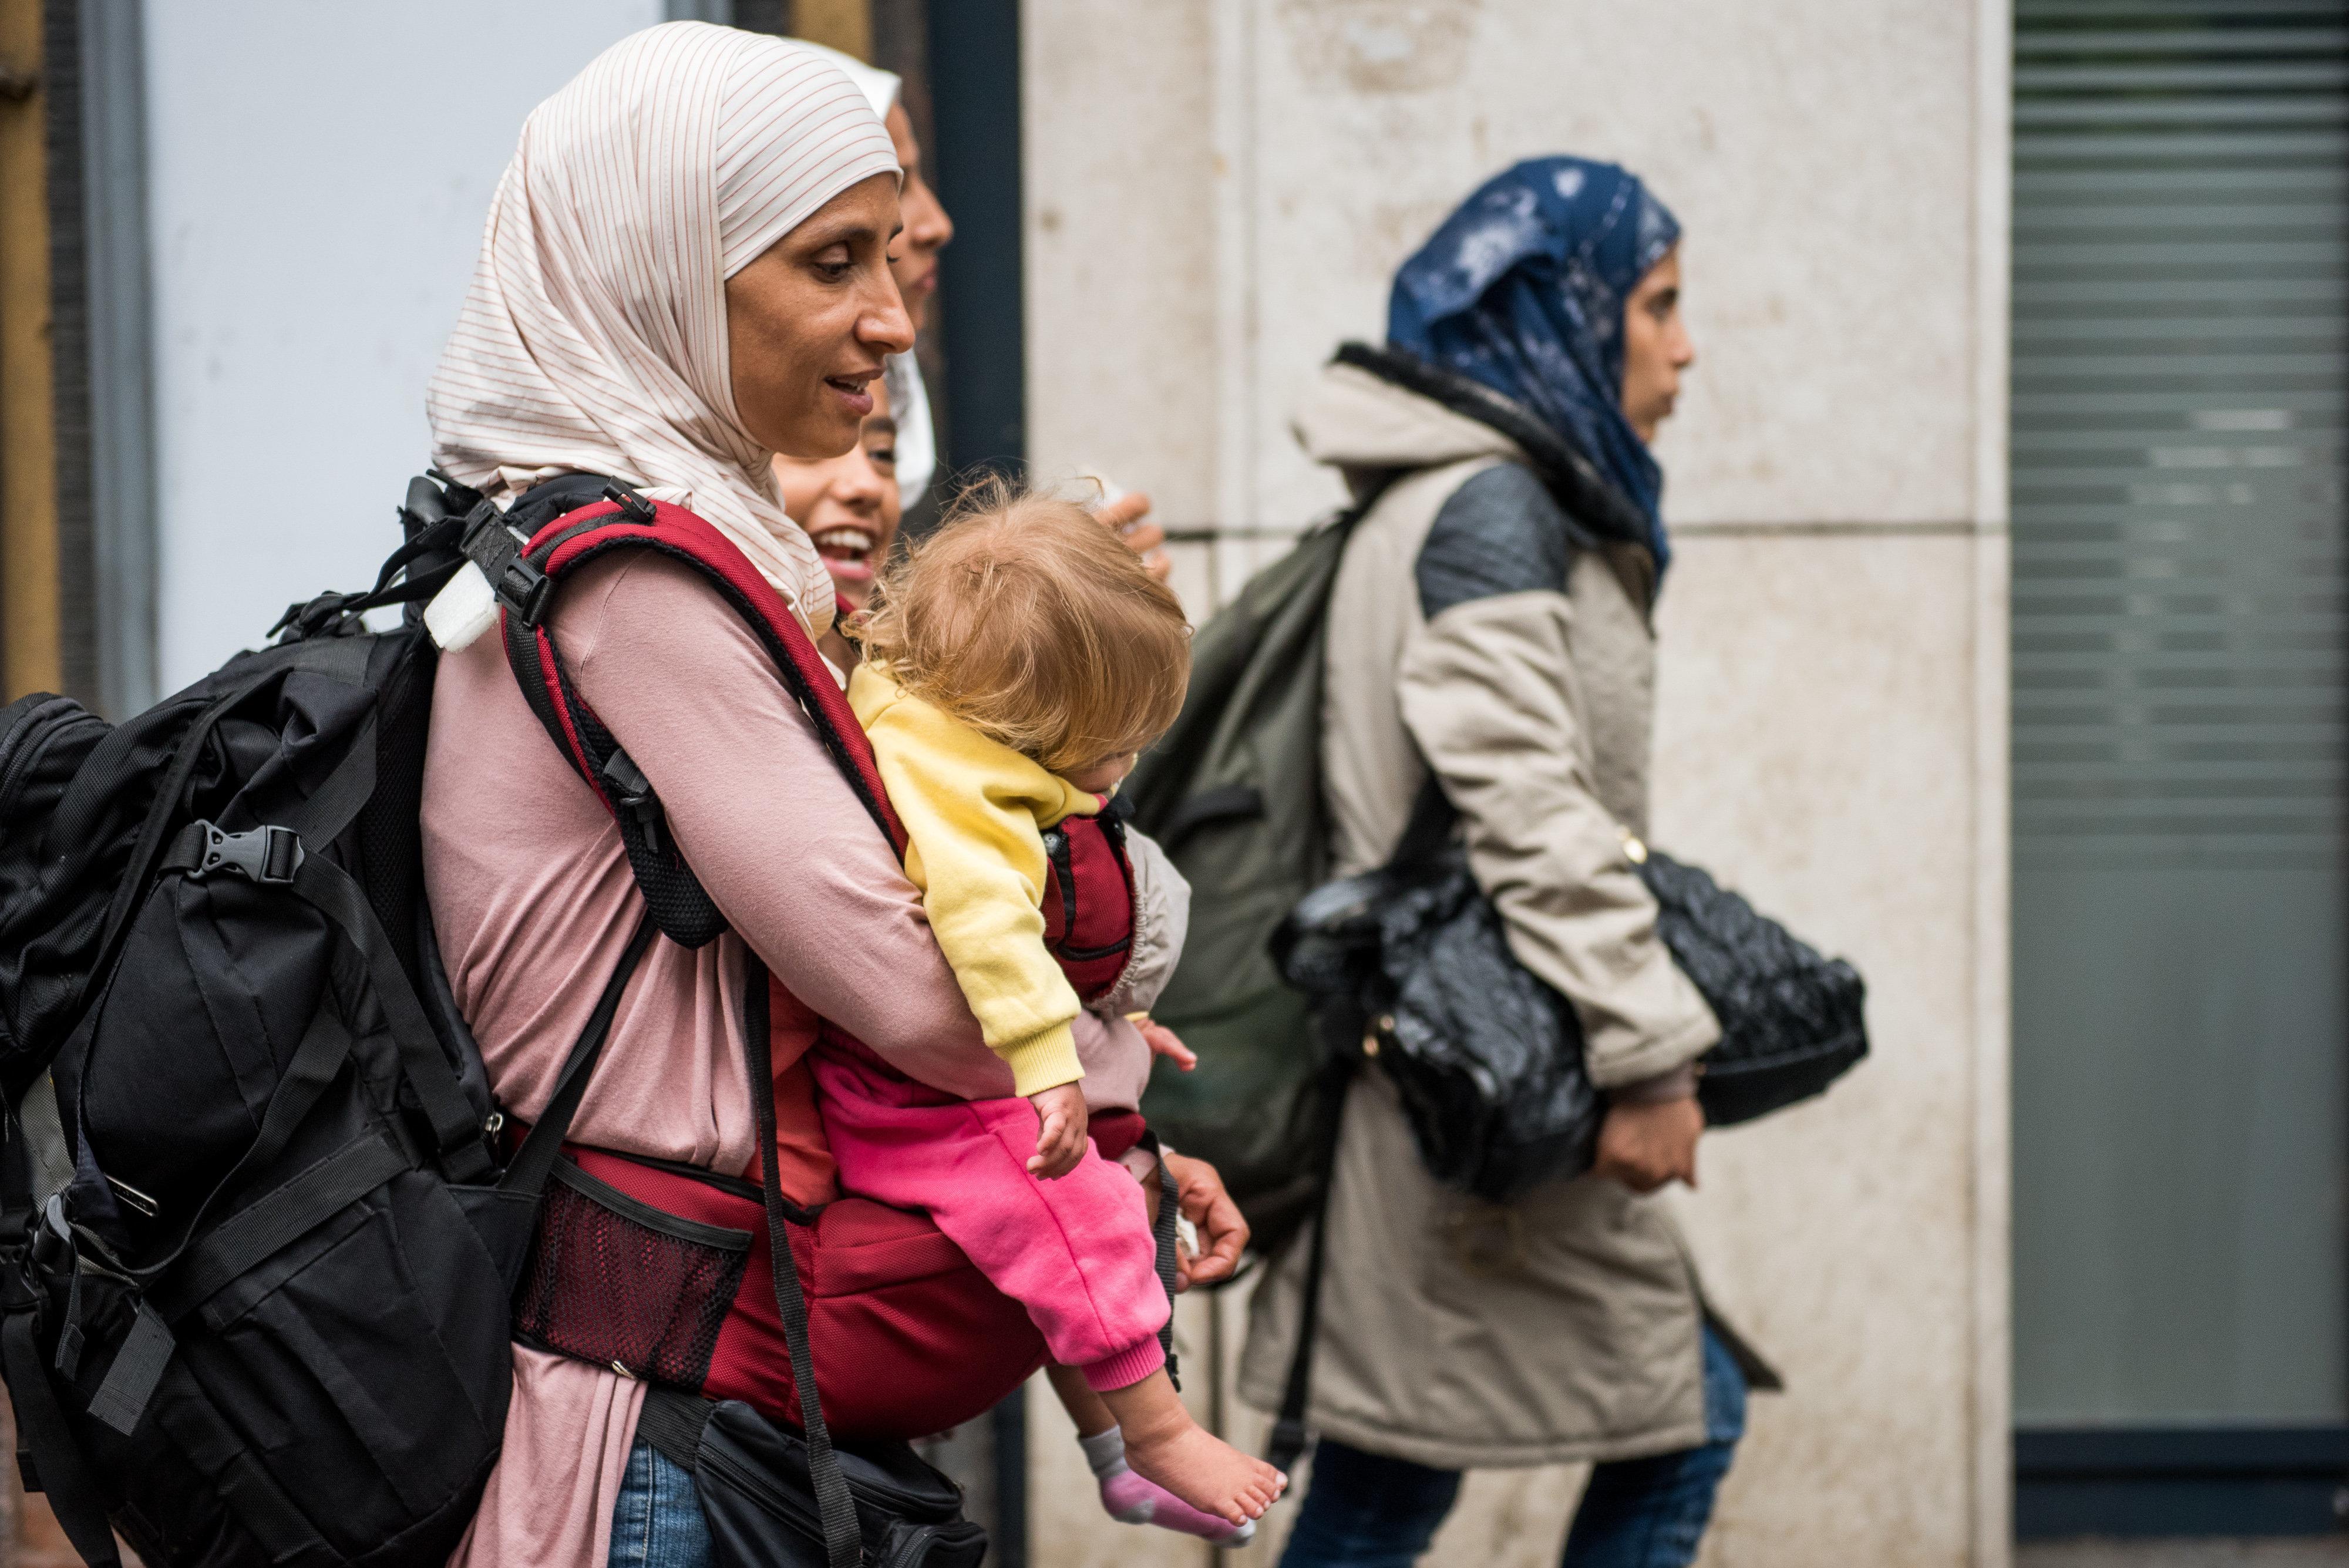 Έκθεση του Συμβουλίου της Ευρώπης καταγράφει βιαιότητες της Ουγγαρίας σε βάρος μεταναστών. Για πολιτικό εκβιασμό κάνει λόγο ο